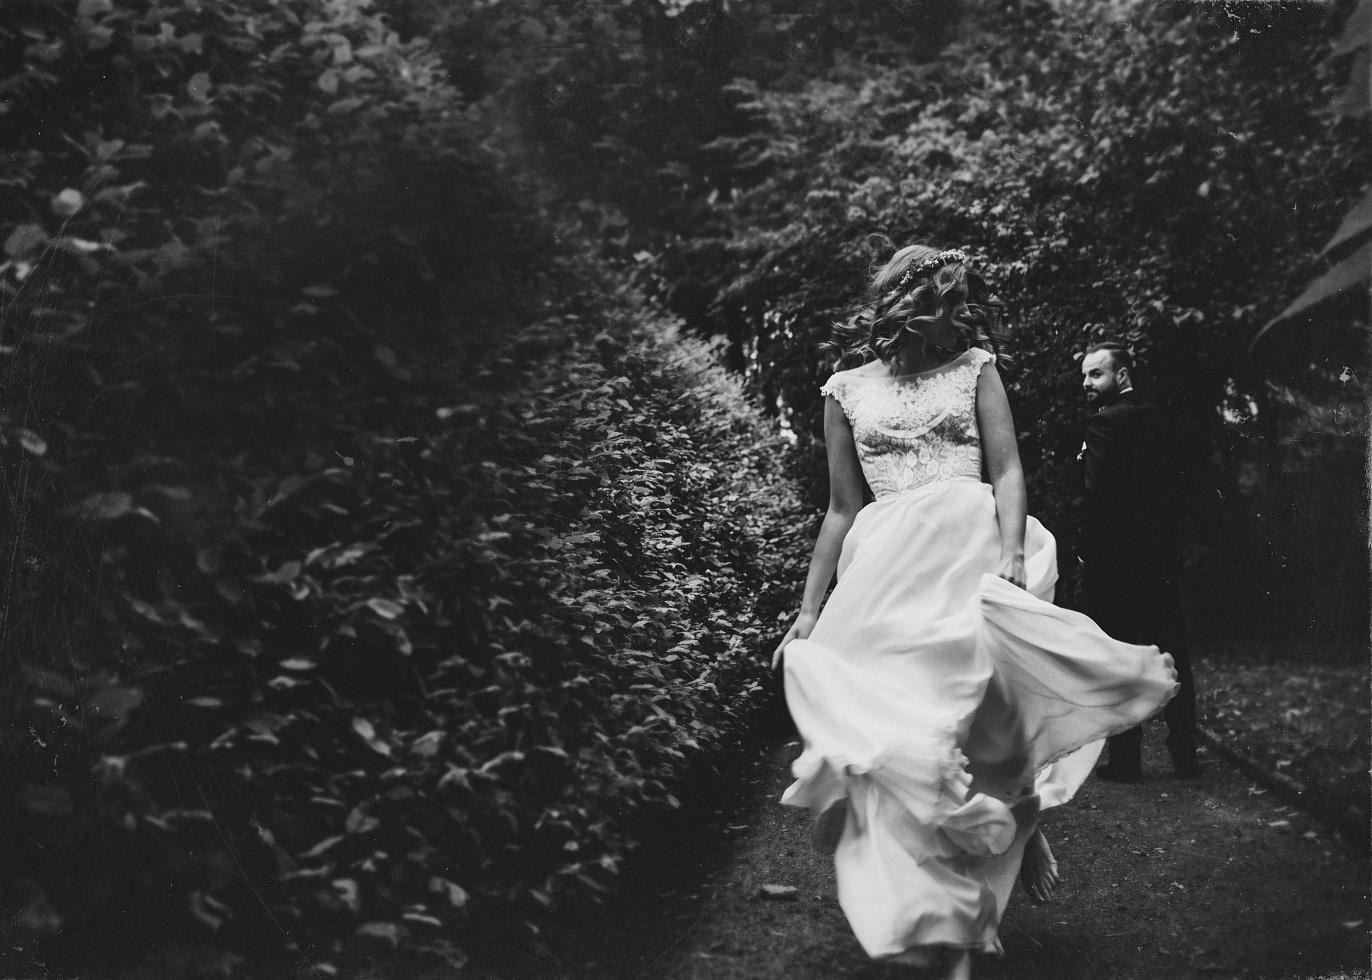 baśniowa fotografia ślubna